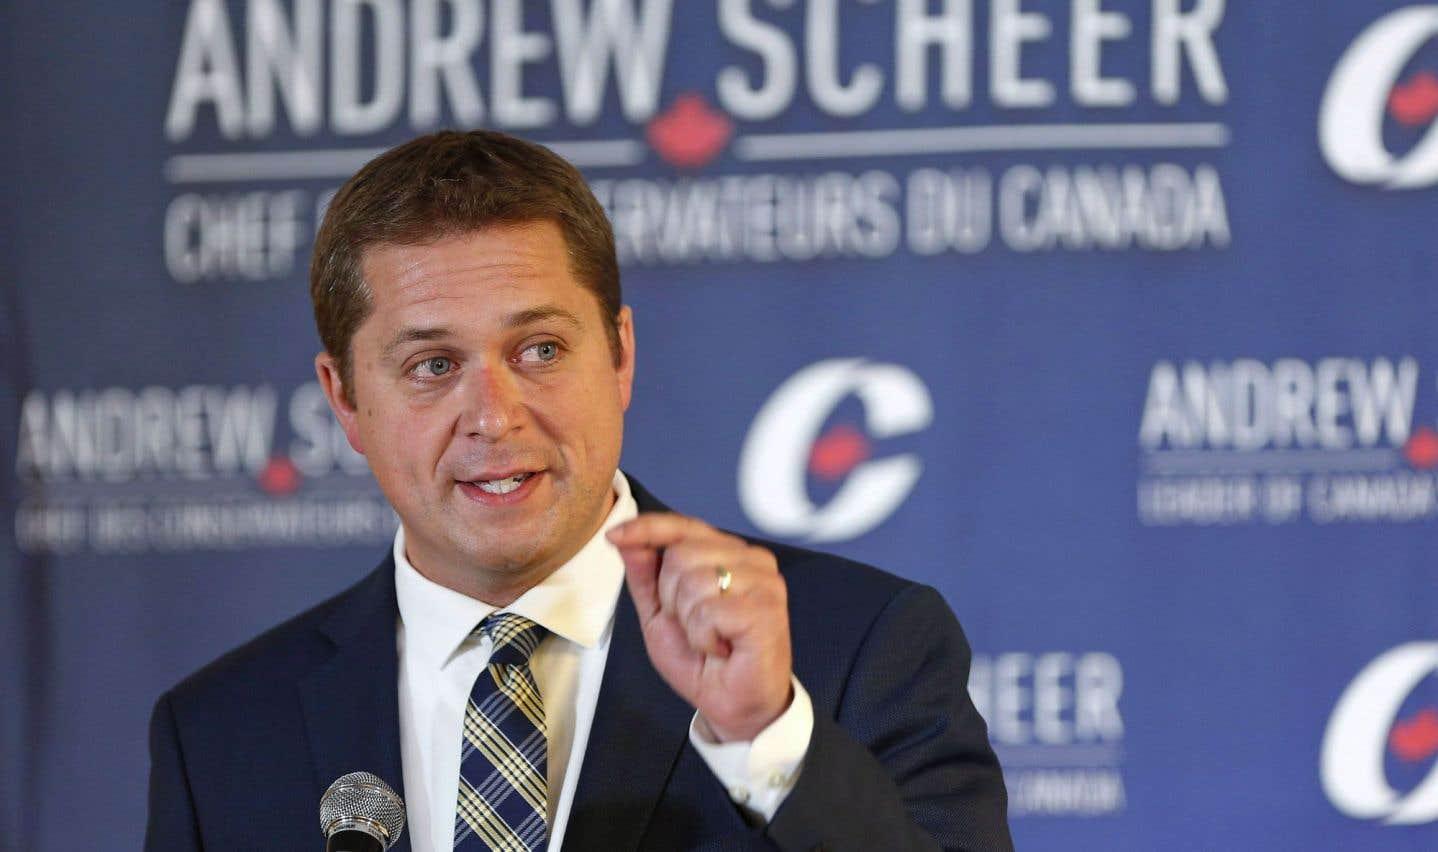 Andrew Scheer dénonce la réforme fiscale proposée par les libéraux